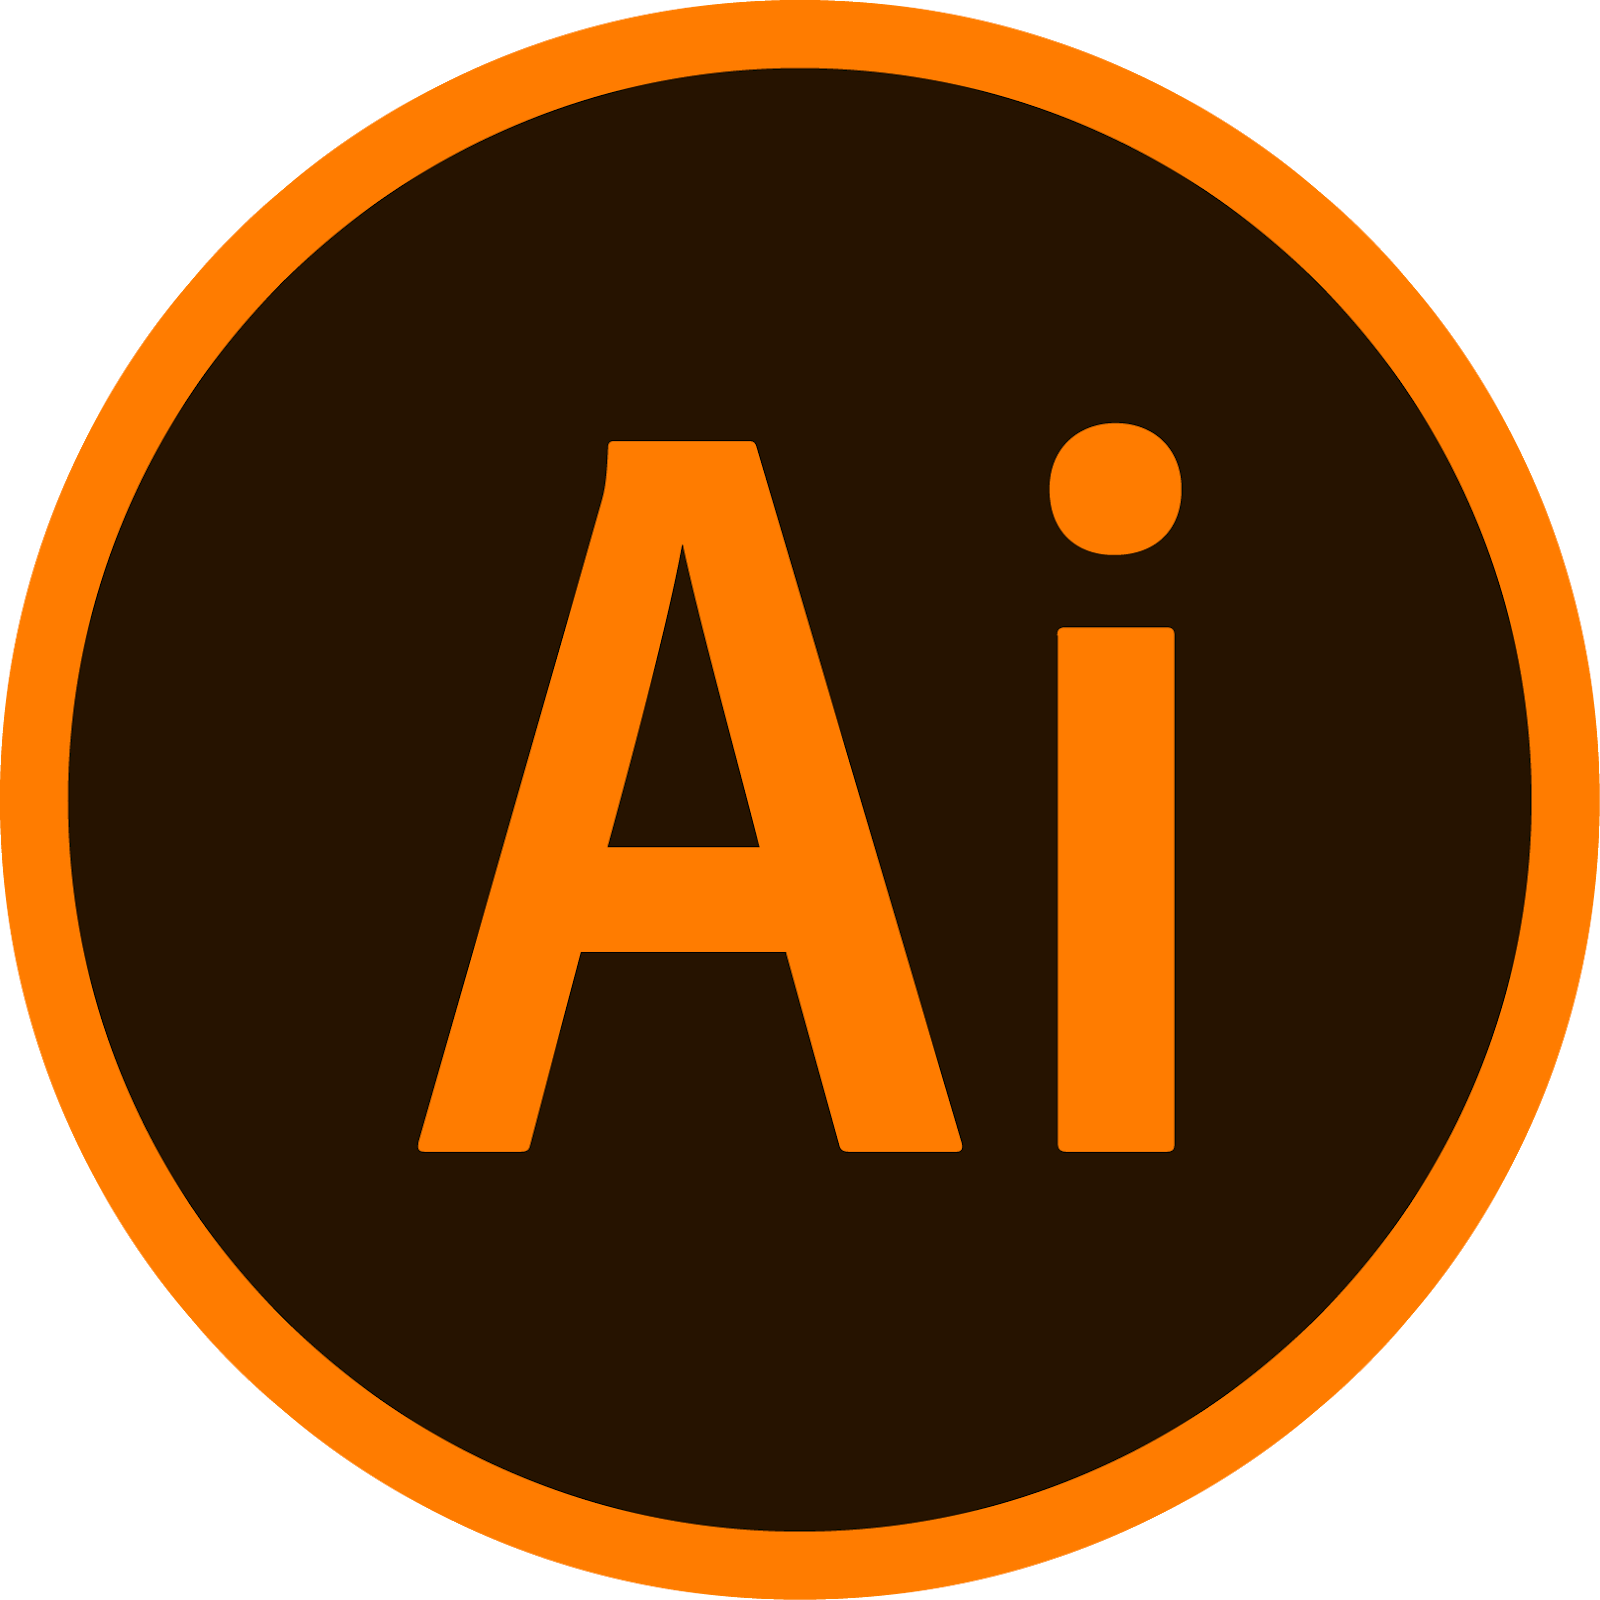 Illustrator Logo Psd in 2020 Logo psd, logo